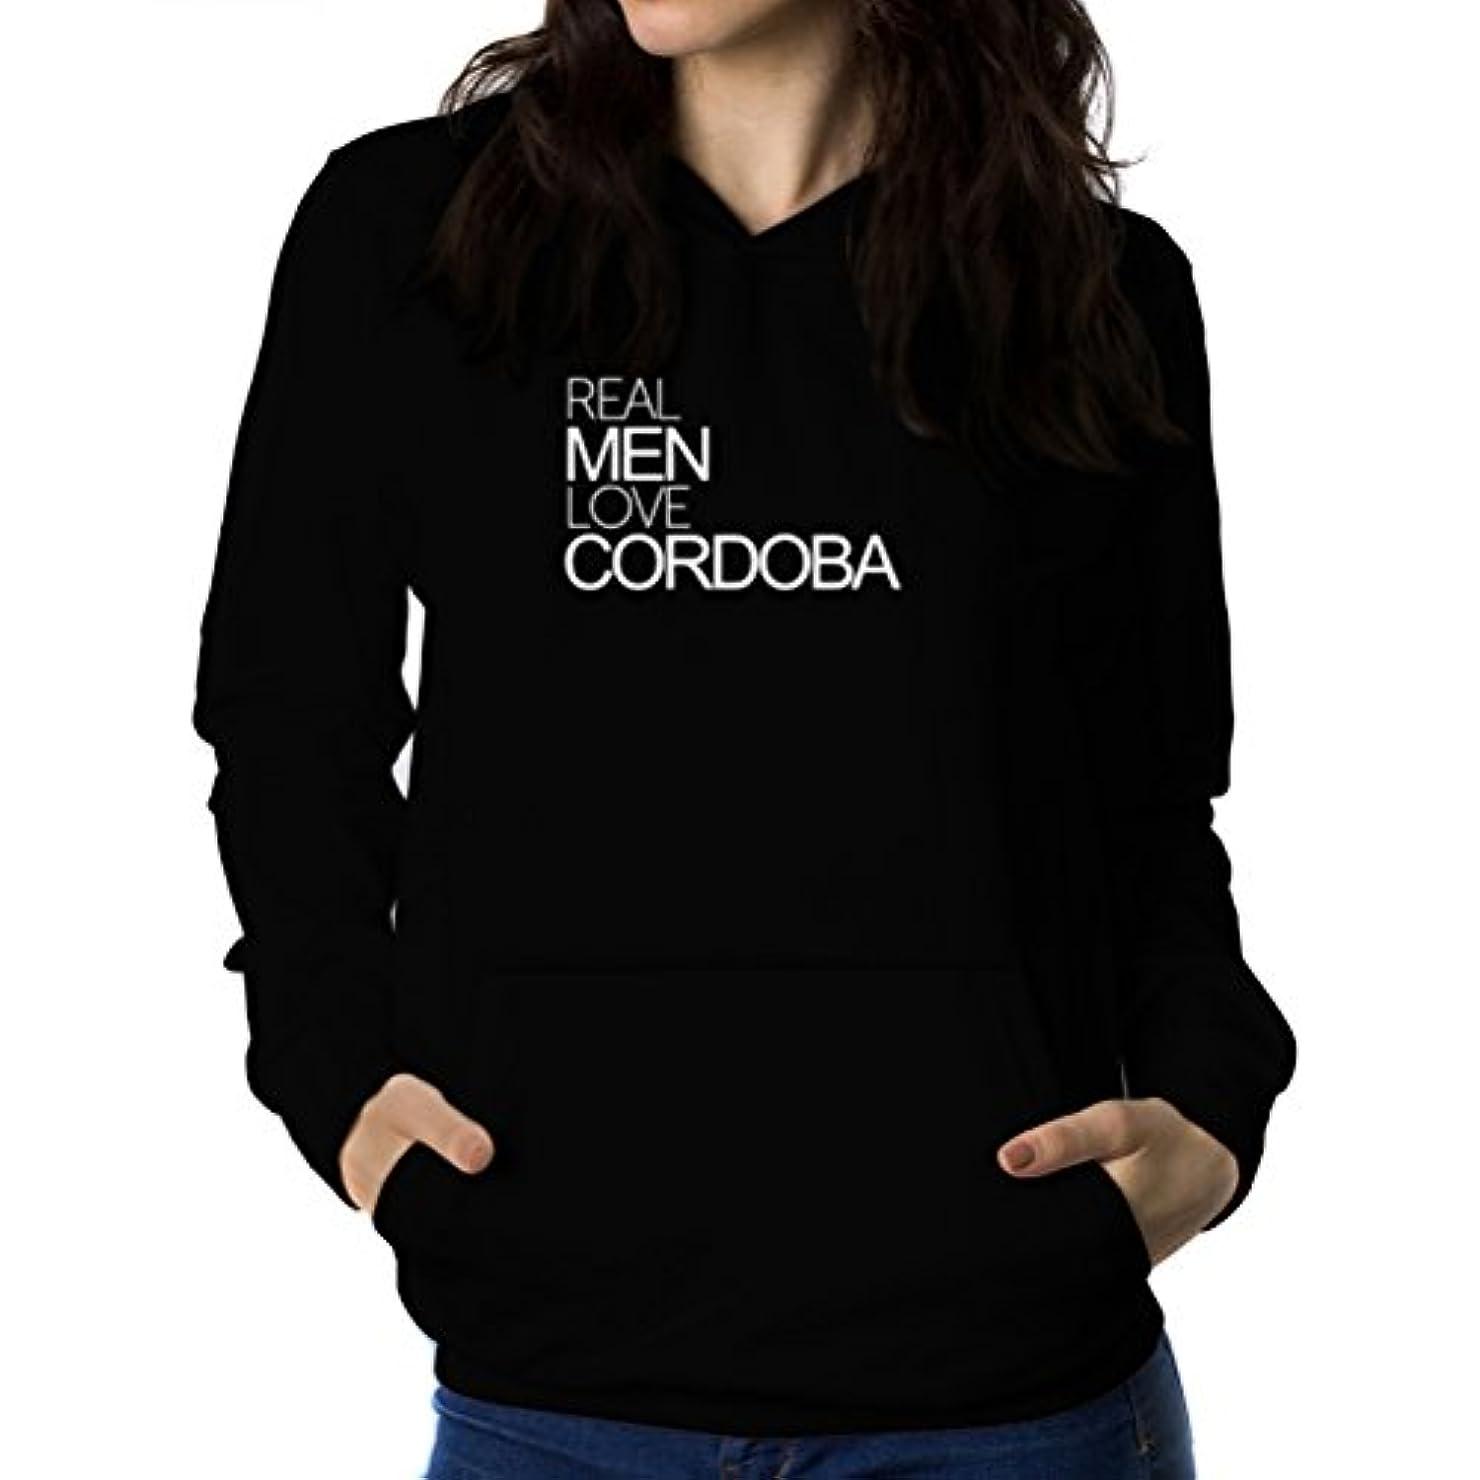 ステレオ効果的くしゃみReal men love Cordoba 女性 フーディー